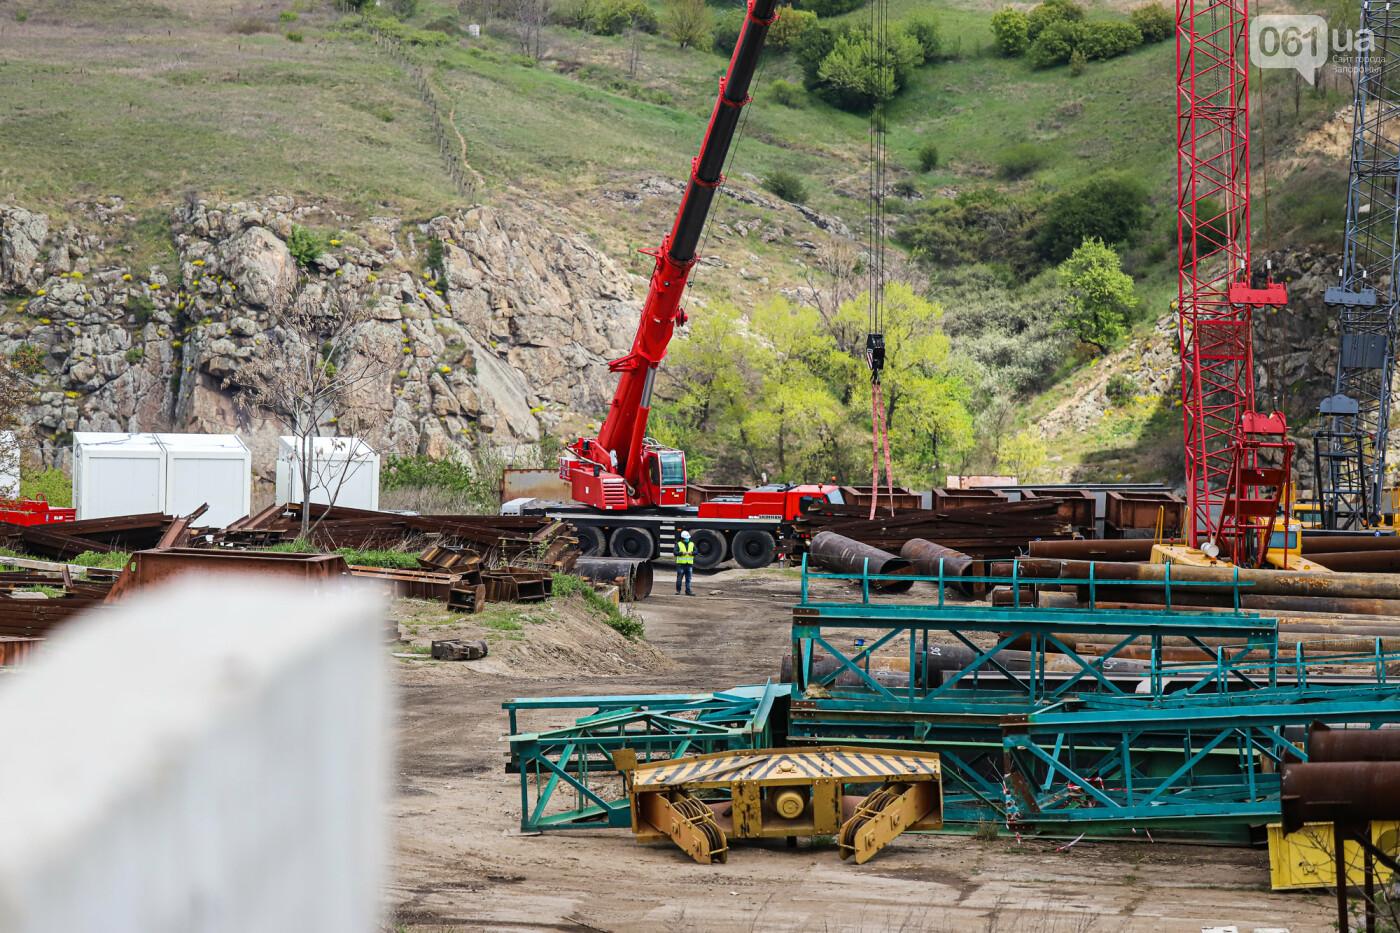 Глава Укравтодора побывал на запорожских мостах — планирует их достроить за два года, - ФОТОРЕПОРТАЖ , фото-20